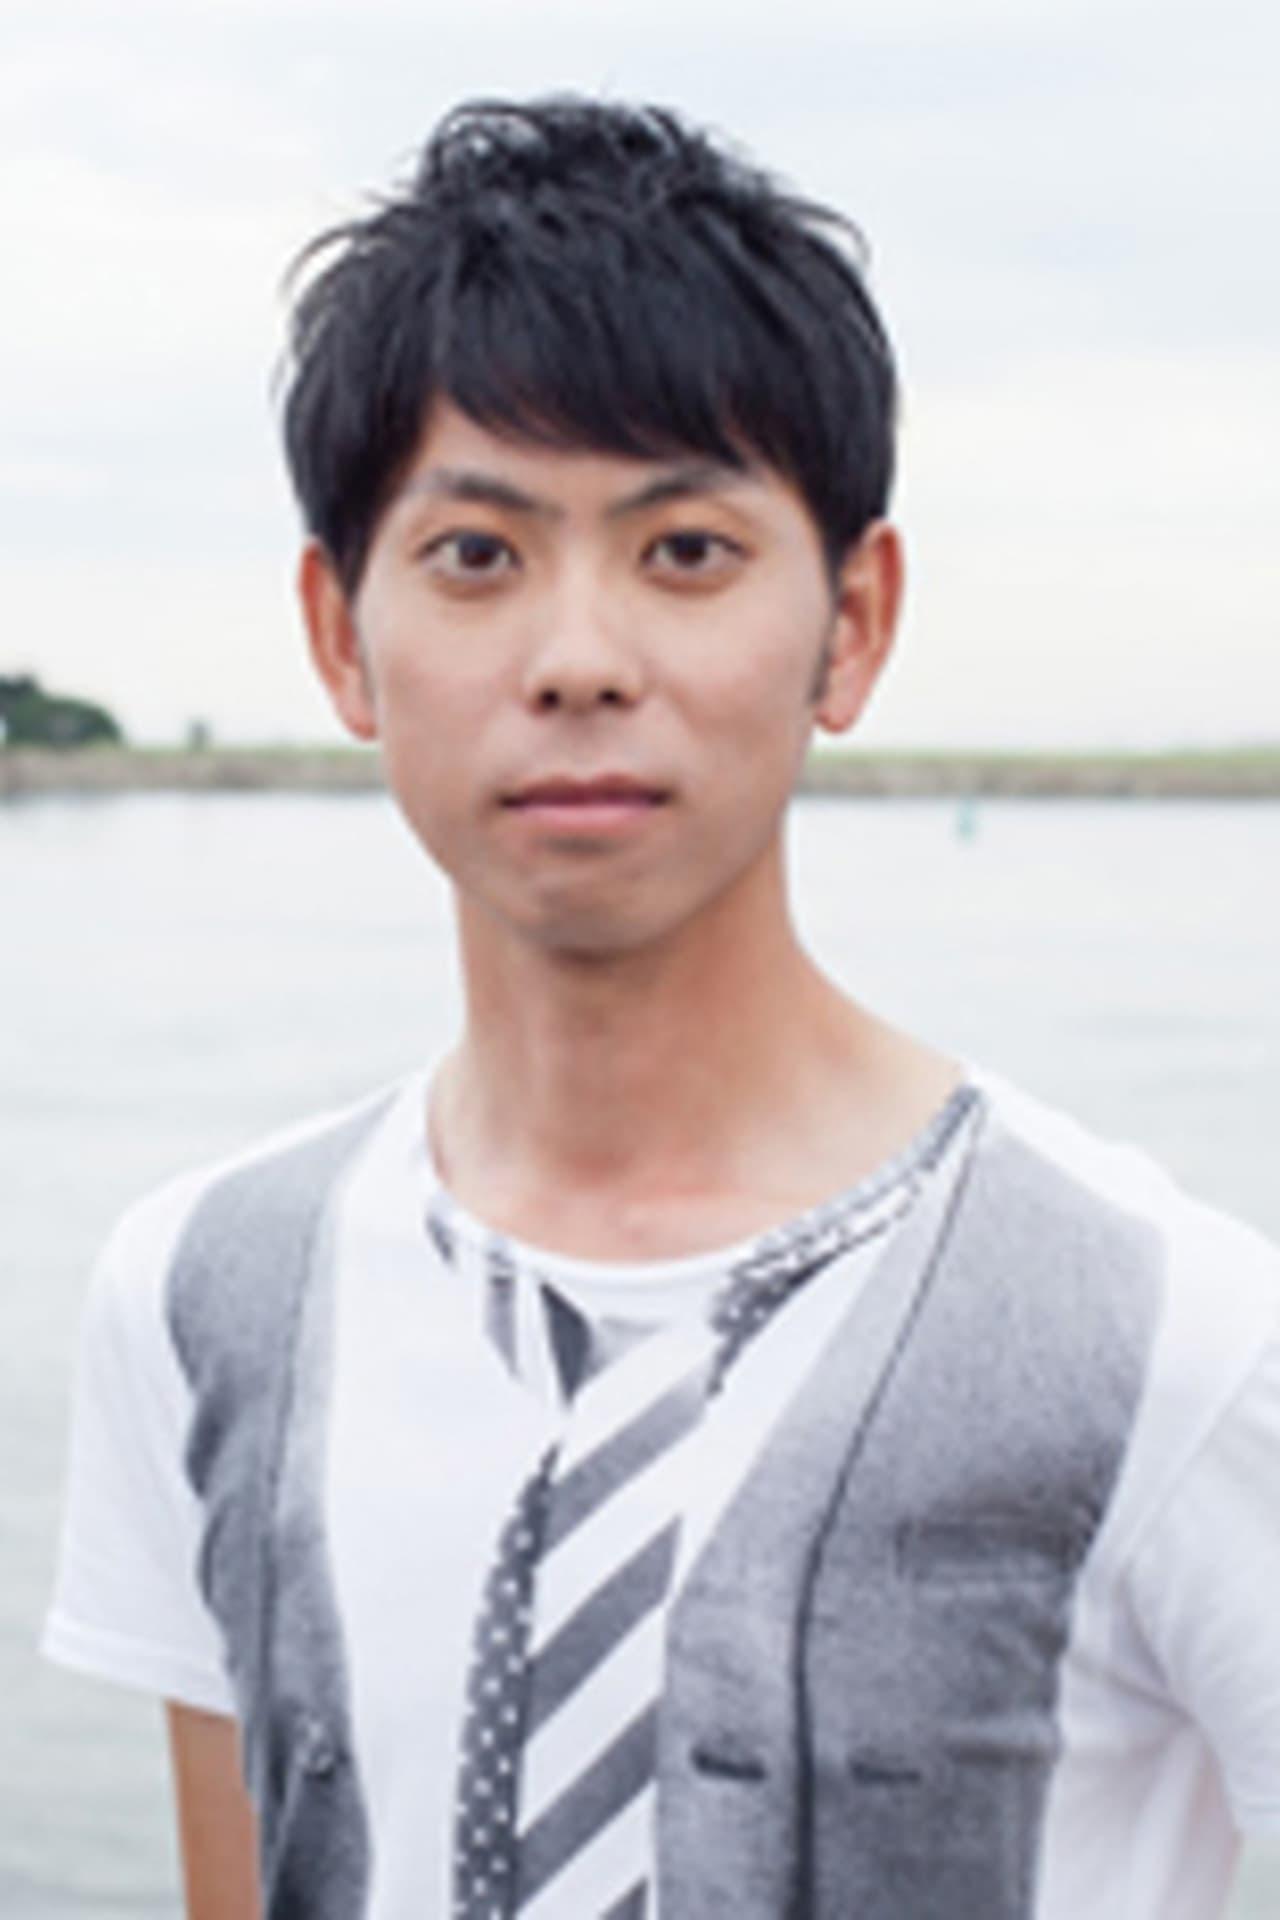 Hiroshi Ichihara isKasahara